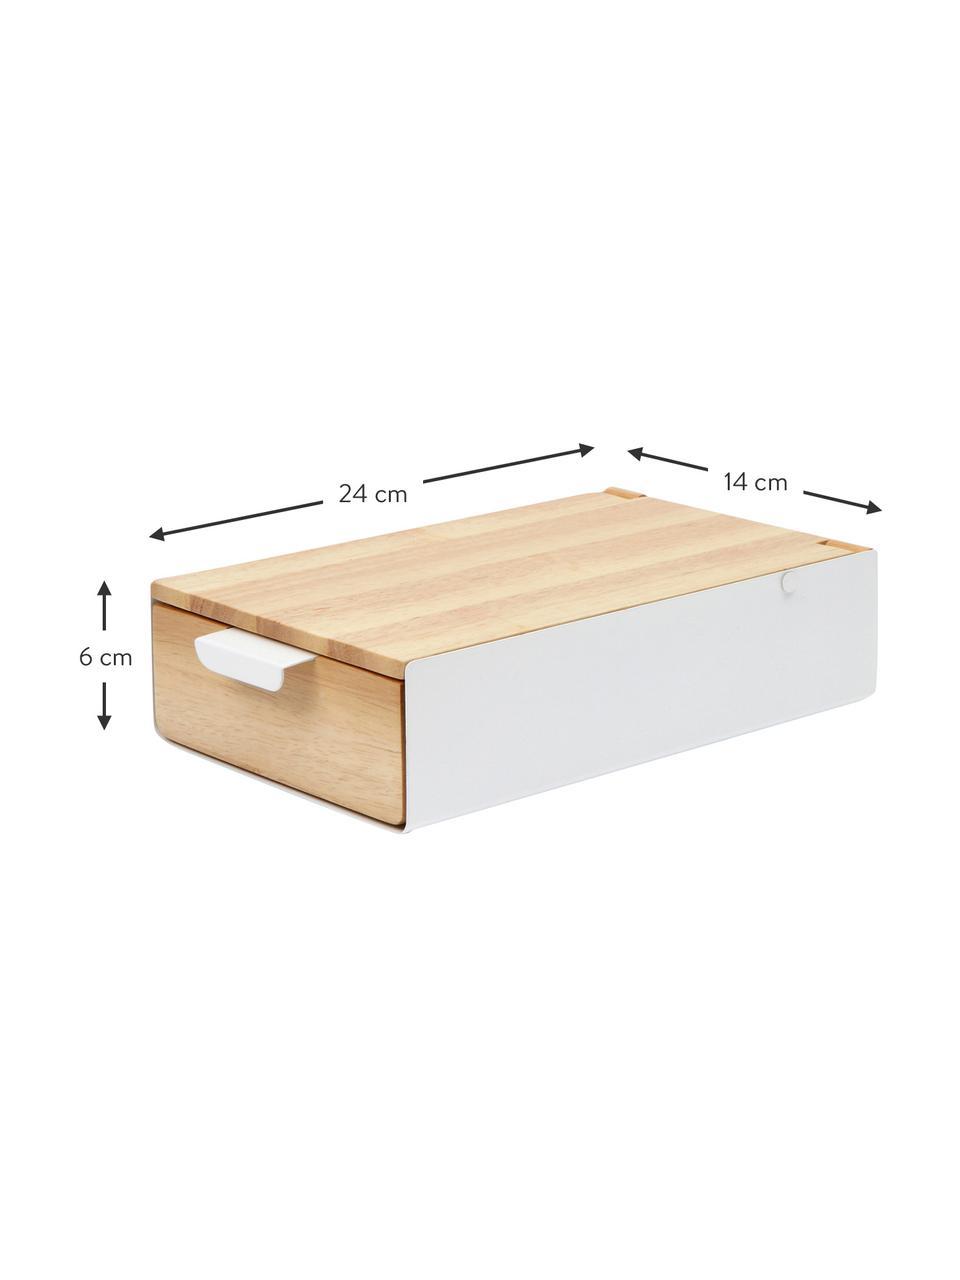 Schmuckbox Reflexion, Box: Metall, lackiert, Holz, Box: Weiß, Holz Innenfutter: Grau Deckel innen: Spiegelglas, 24 x 6 cm